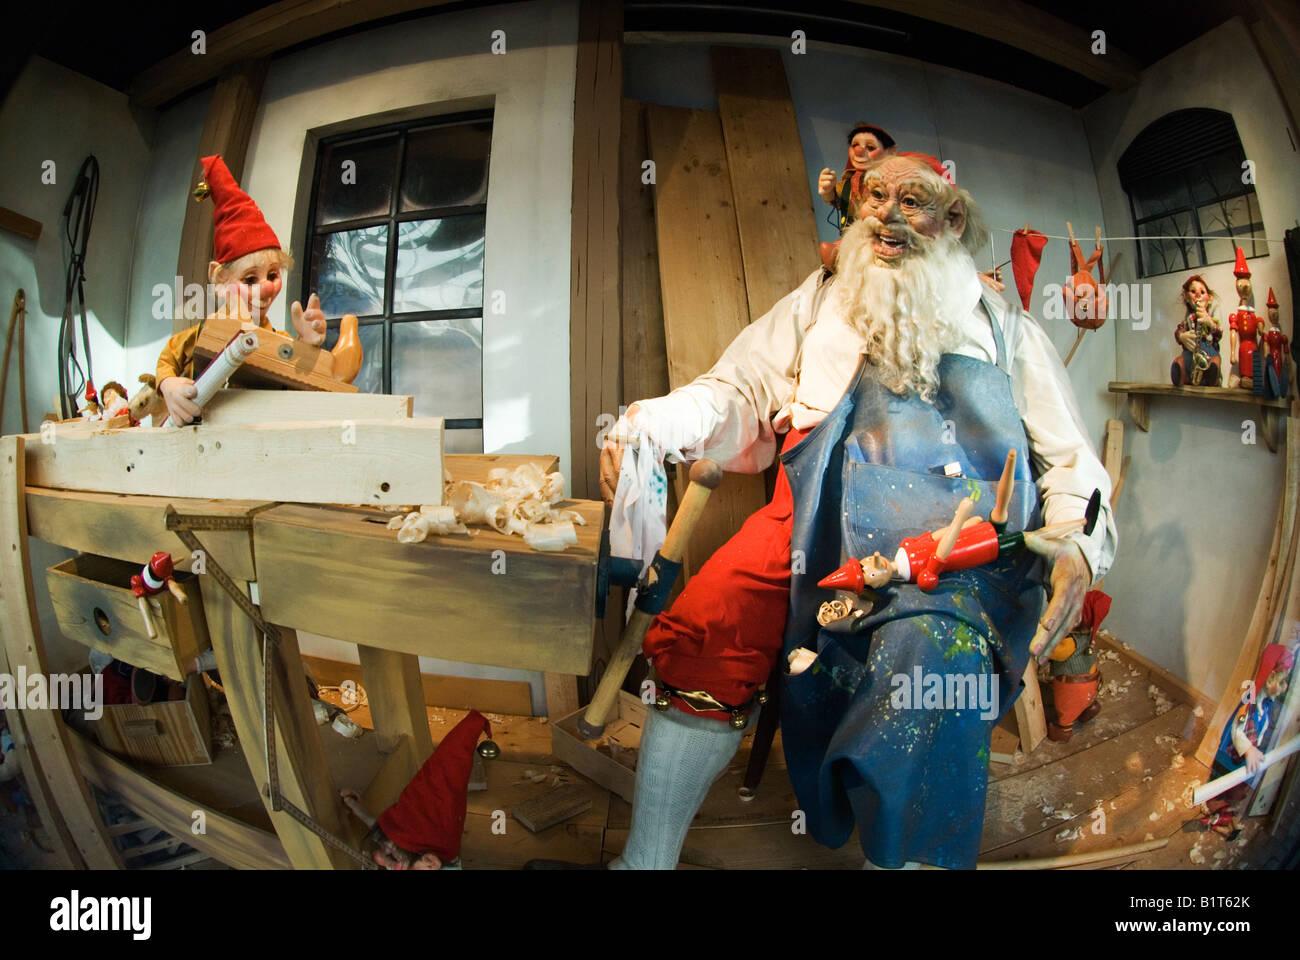 für Weihnachten dekoriert Schaufenster zeigt animierte Märchen ...